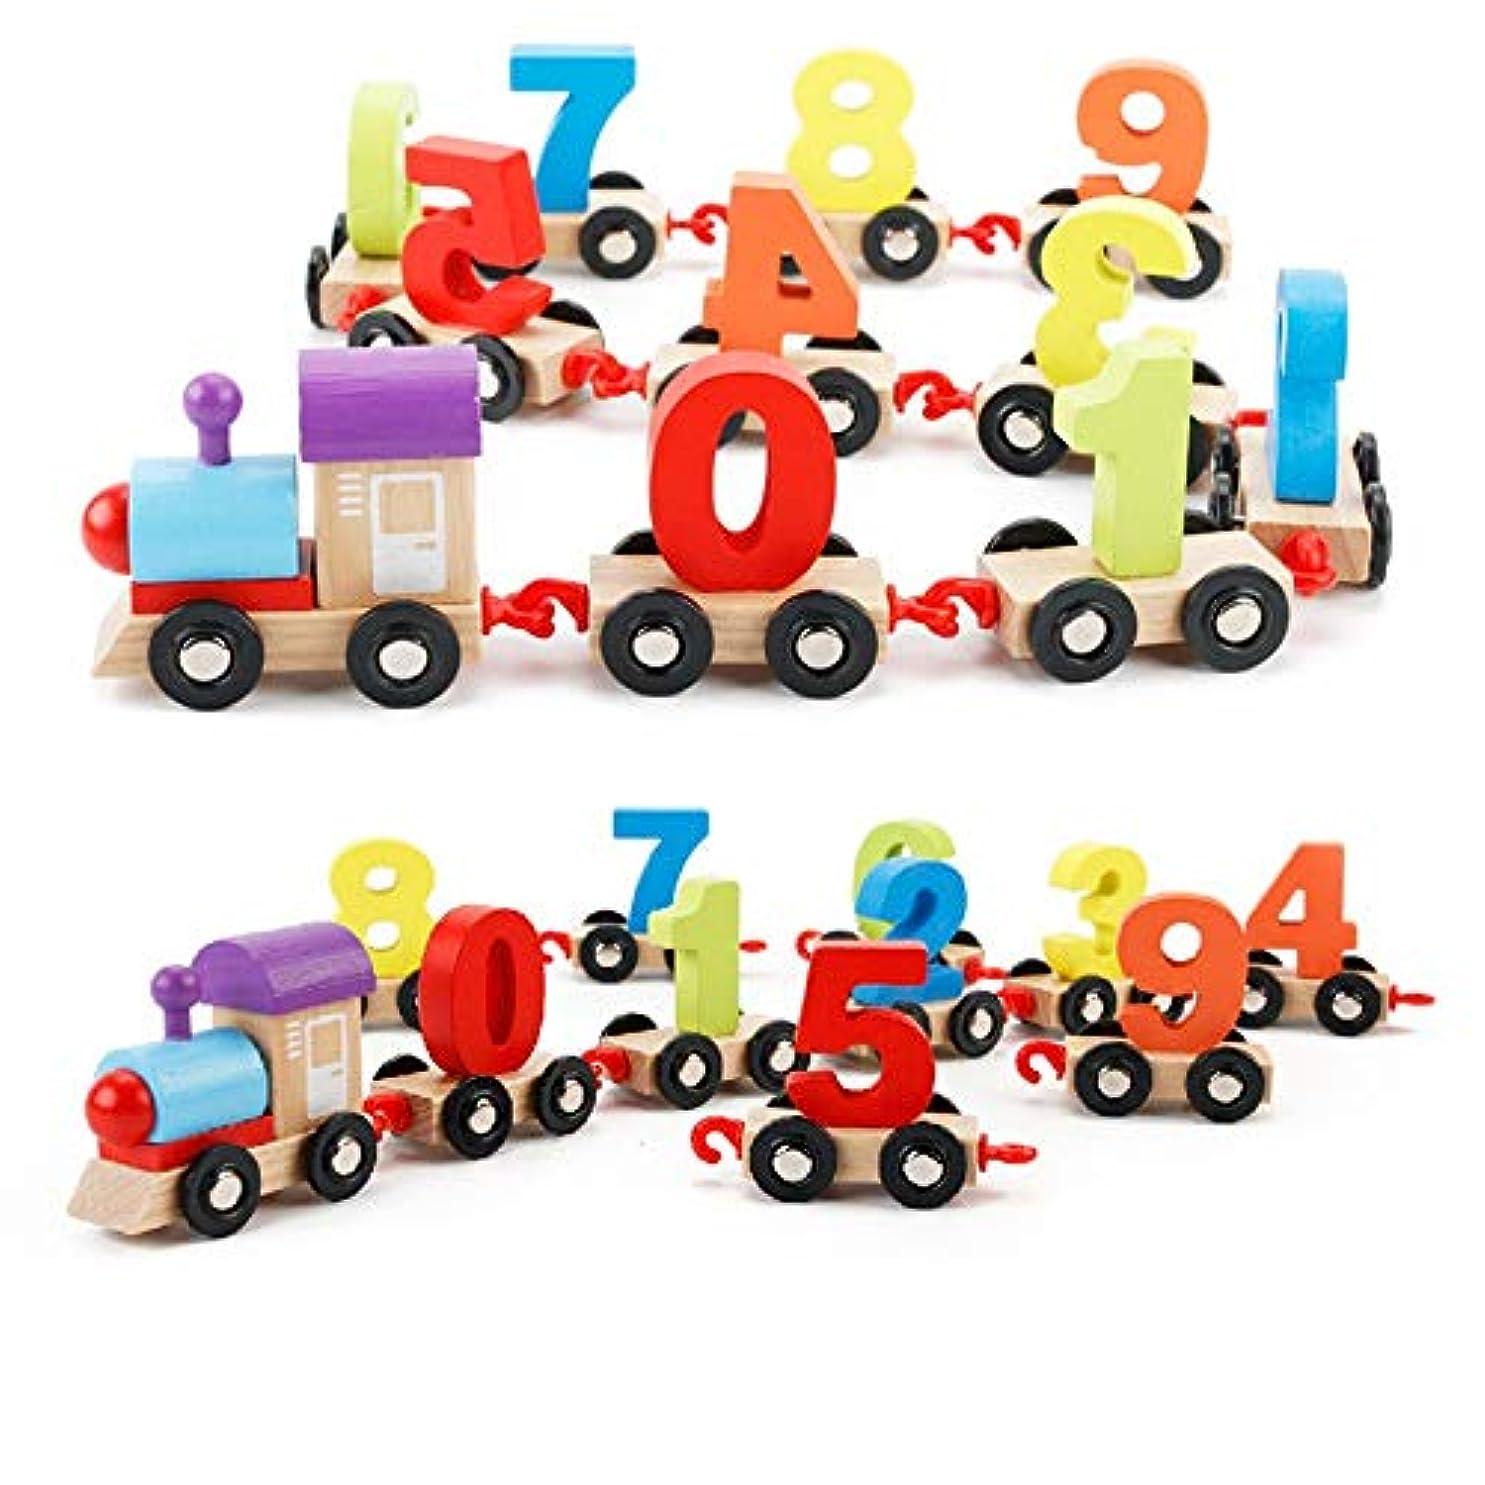 ファセット移民議論する子供の泡のビルディングブロック デジタル鉄道パズル組み立てカラー木製ステッチ小さな鉄道教育玩具子供のビルディングブロック 幼児教育の知的おもちゃ